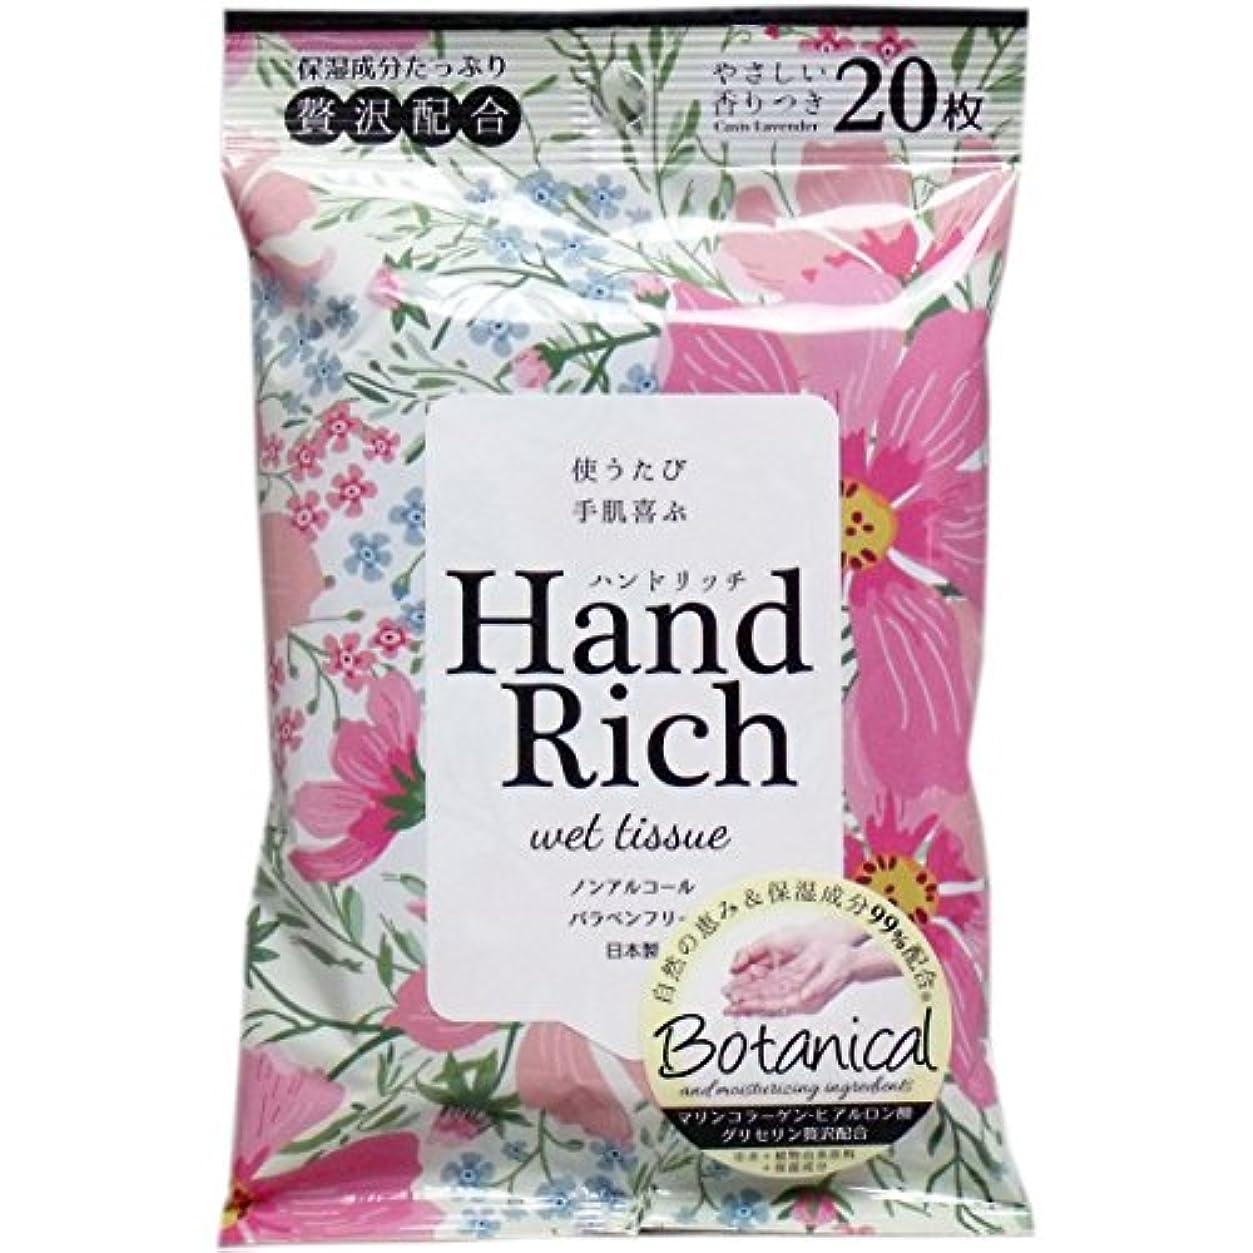 増強ではごきげんようビルハンドリッチ ウエットティシュー やさしい香り付 20枚入×20個セット